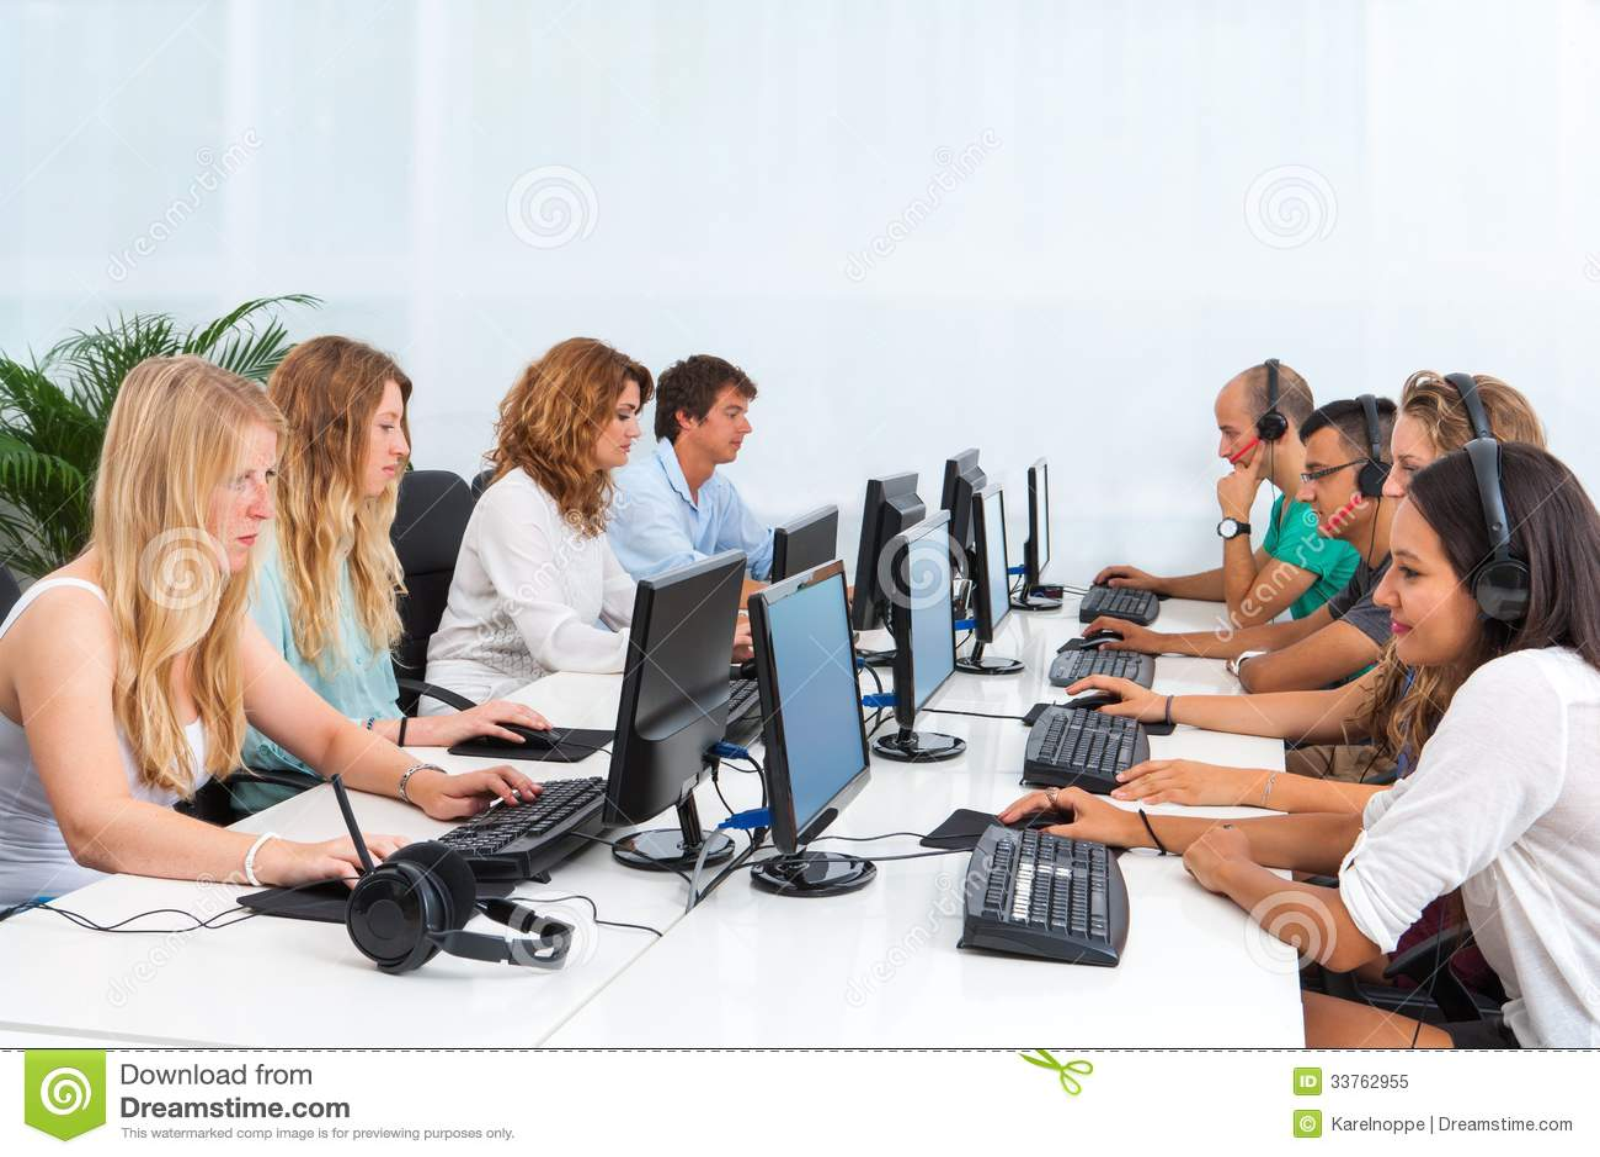 Studenti che lavorano ai computer.